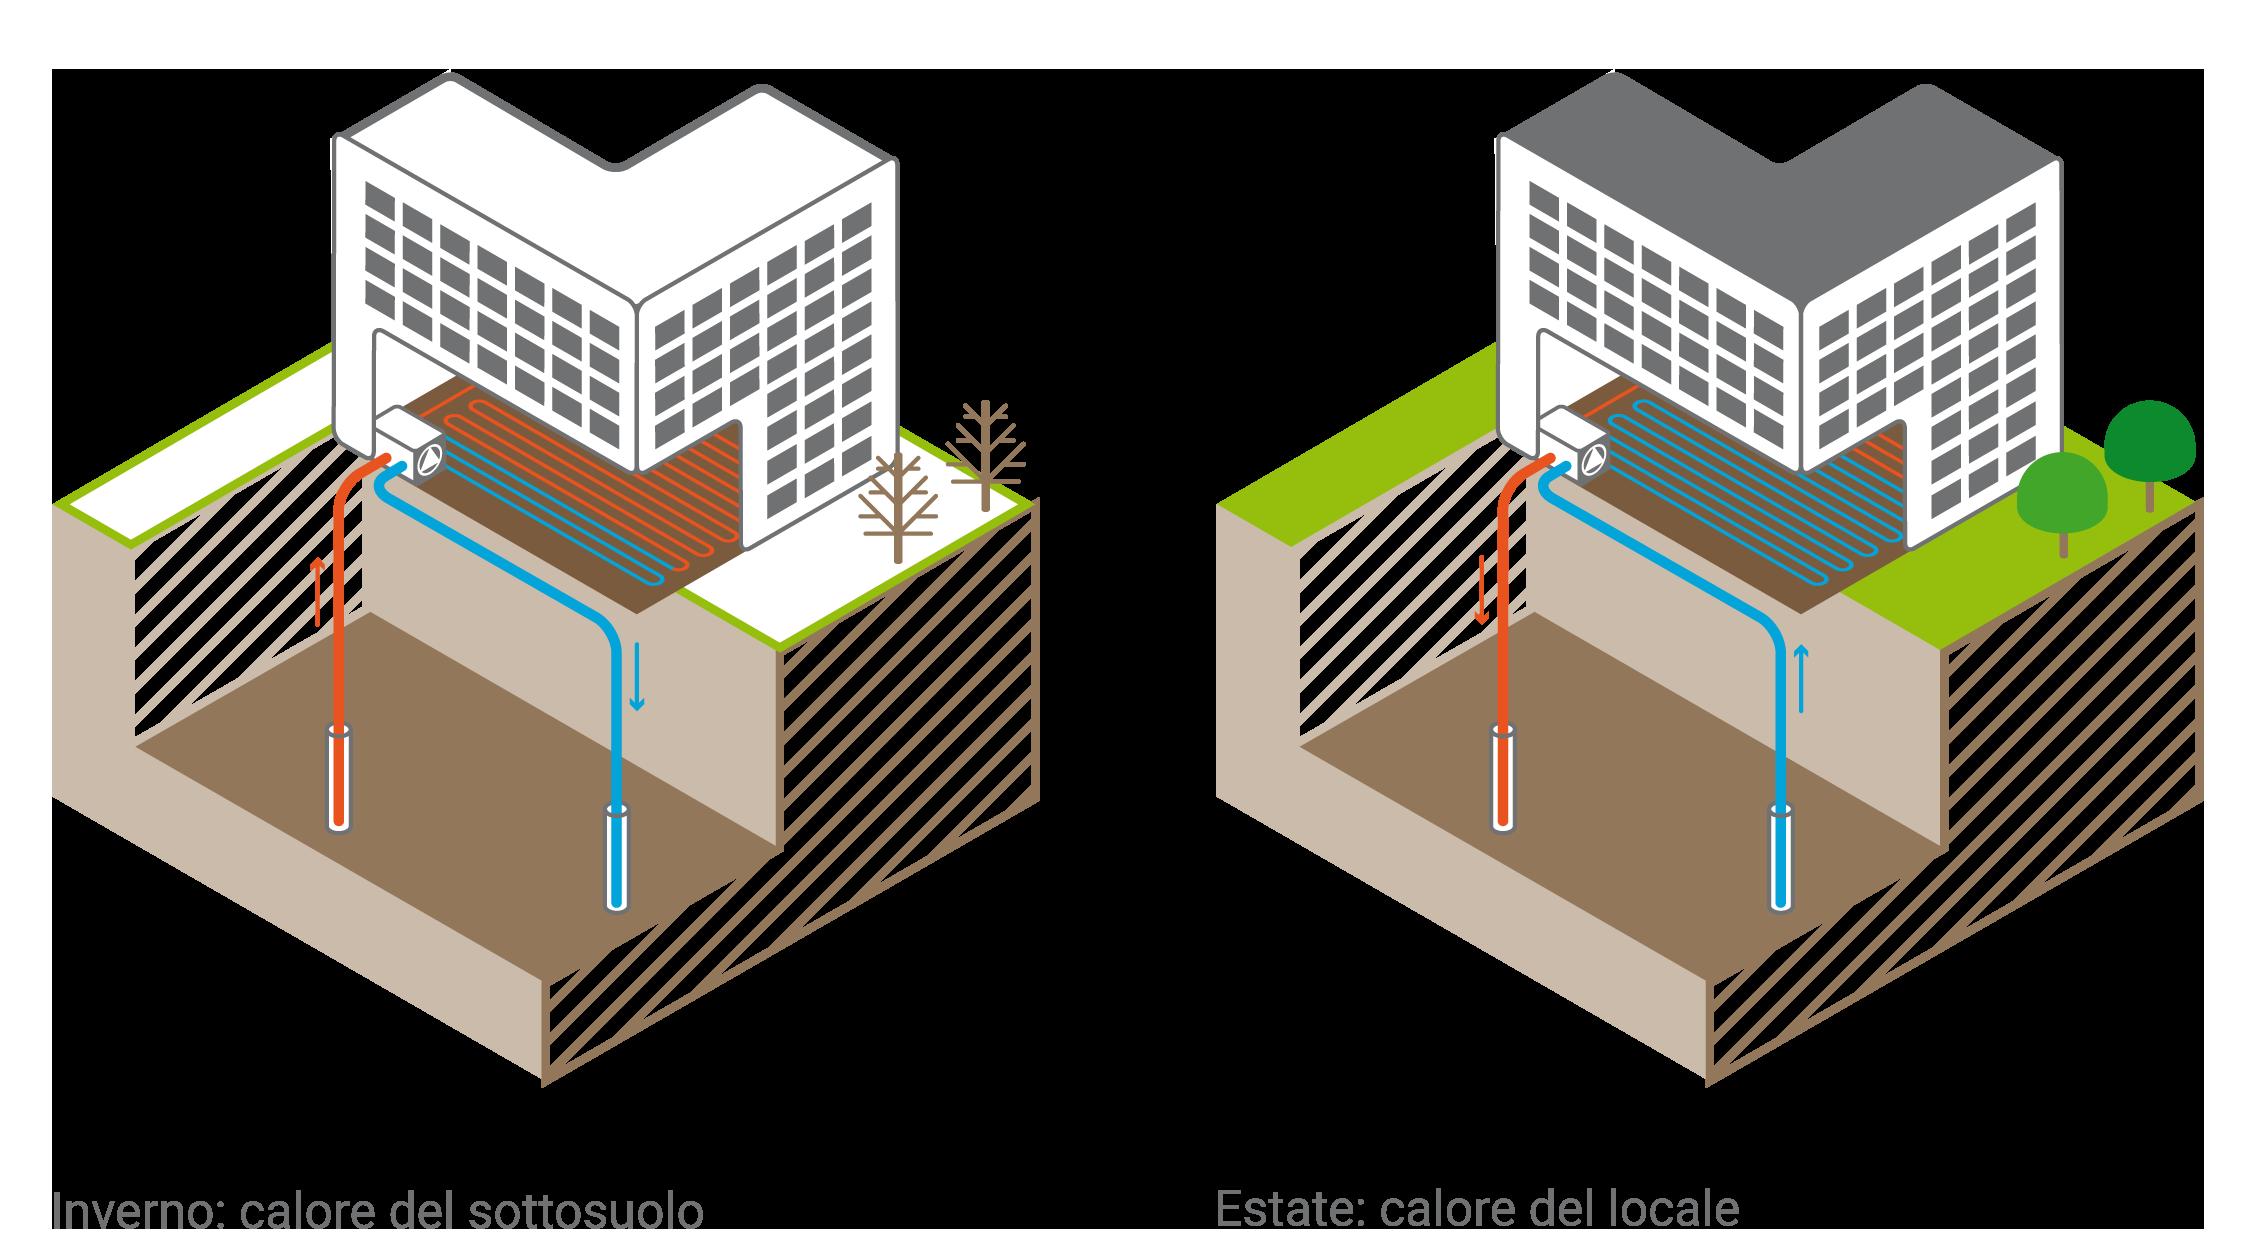 Un vantaggio essenziale della geotermia in quanto energia rinnovabile: riscaldare e raffrescare con lo stesso sistema. (Fonte: UFE)